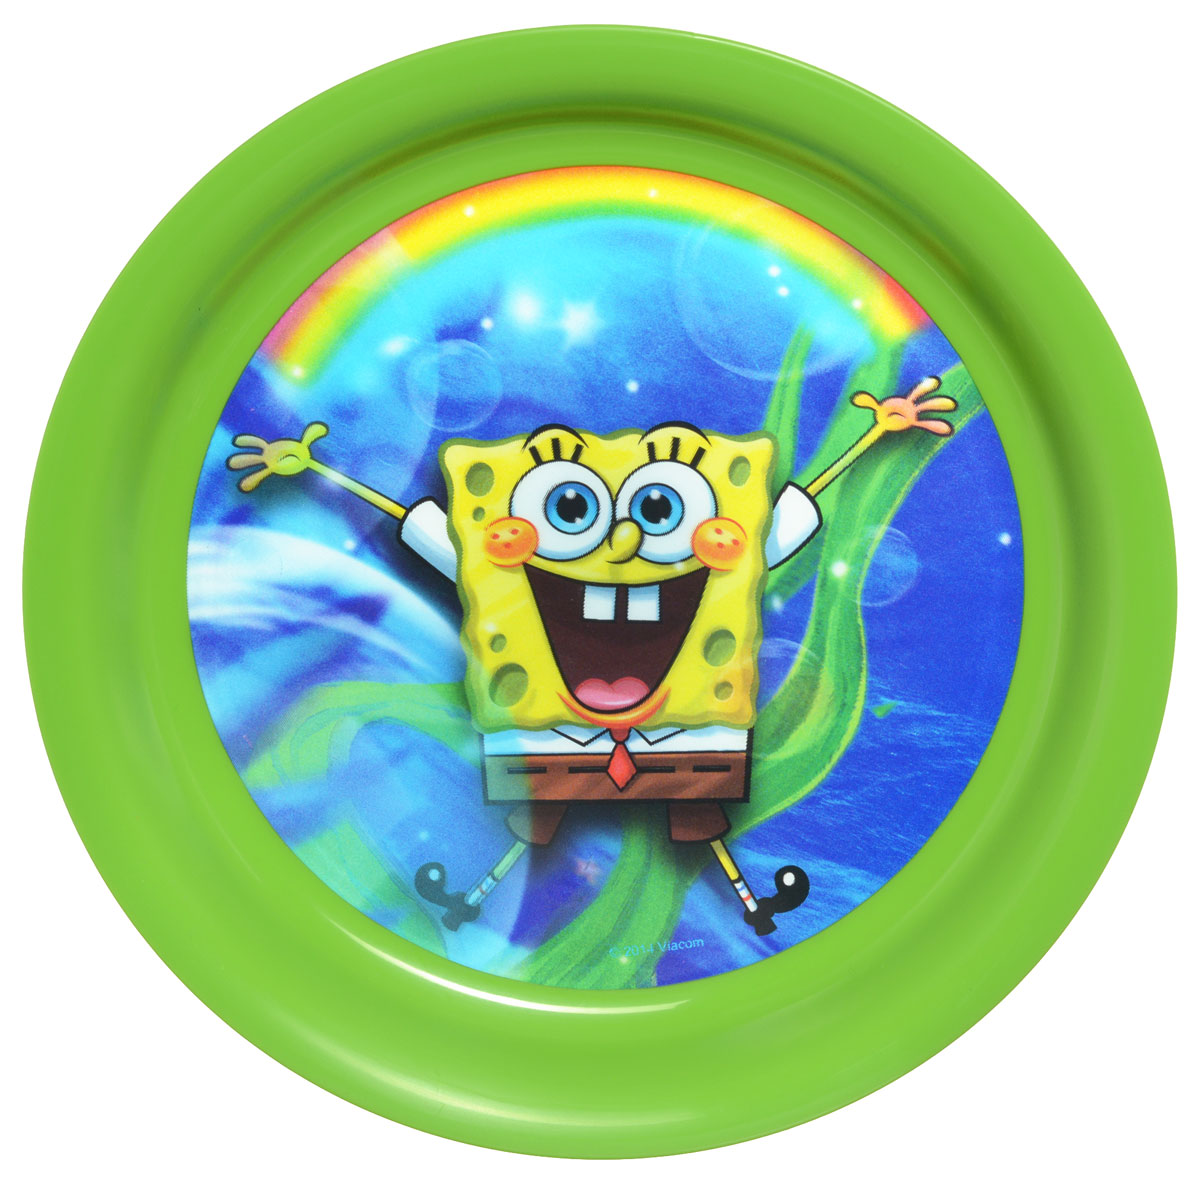 Губка Боб Тарелка детская 3D цвет зеленый диаметр 19 смP190-01GЯркая тарелка Губка Боб с 3D рисунком идеально подойдет для кормления малыша и самостоятельного приема им пищи. Тарелка выполнена из безопасного полипропилена зеленого цвета, дно оформлено объемным изображением улыбающегося Губки Боба из одноименного мультсериала.Такой подарок станет не только приятным, но и практичным сувениром, добавит ярких эмоций вашему ребенку!Не предназначено для использования в СВЧ-печи и посудомоечной машине.